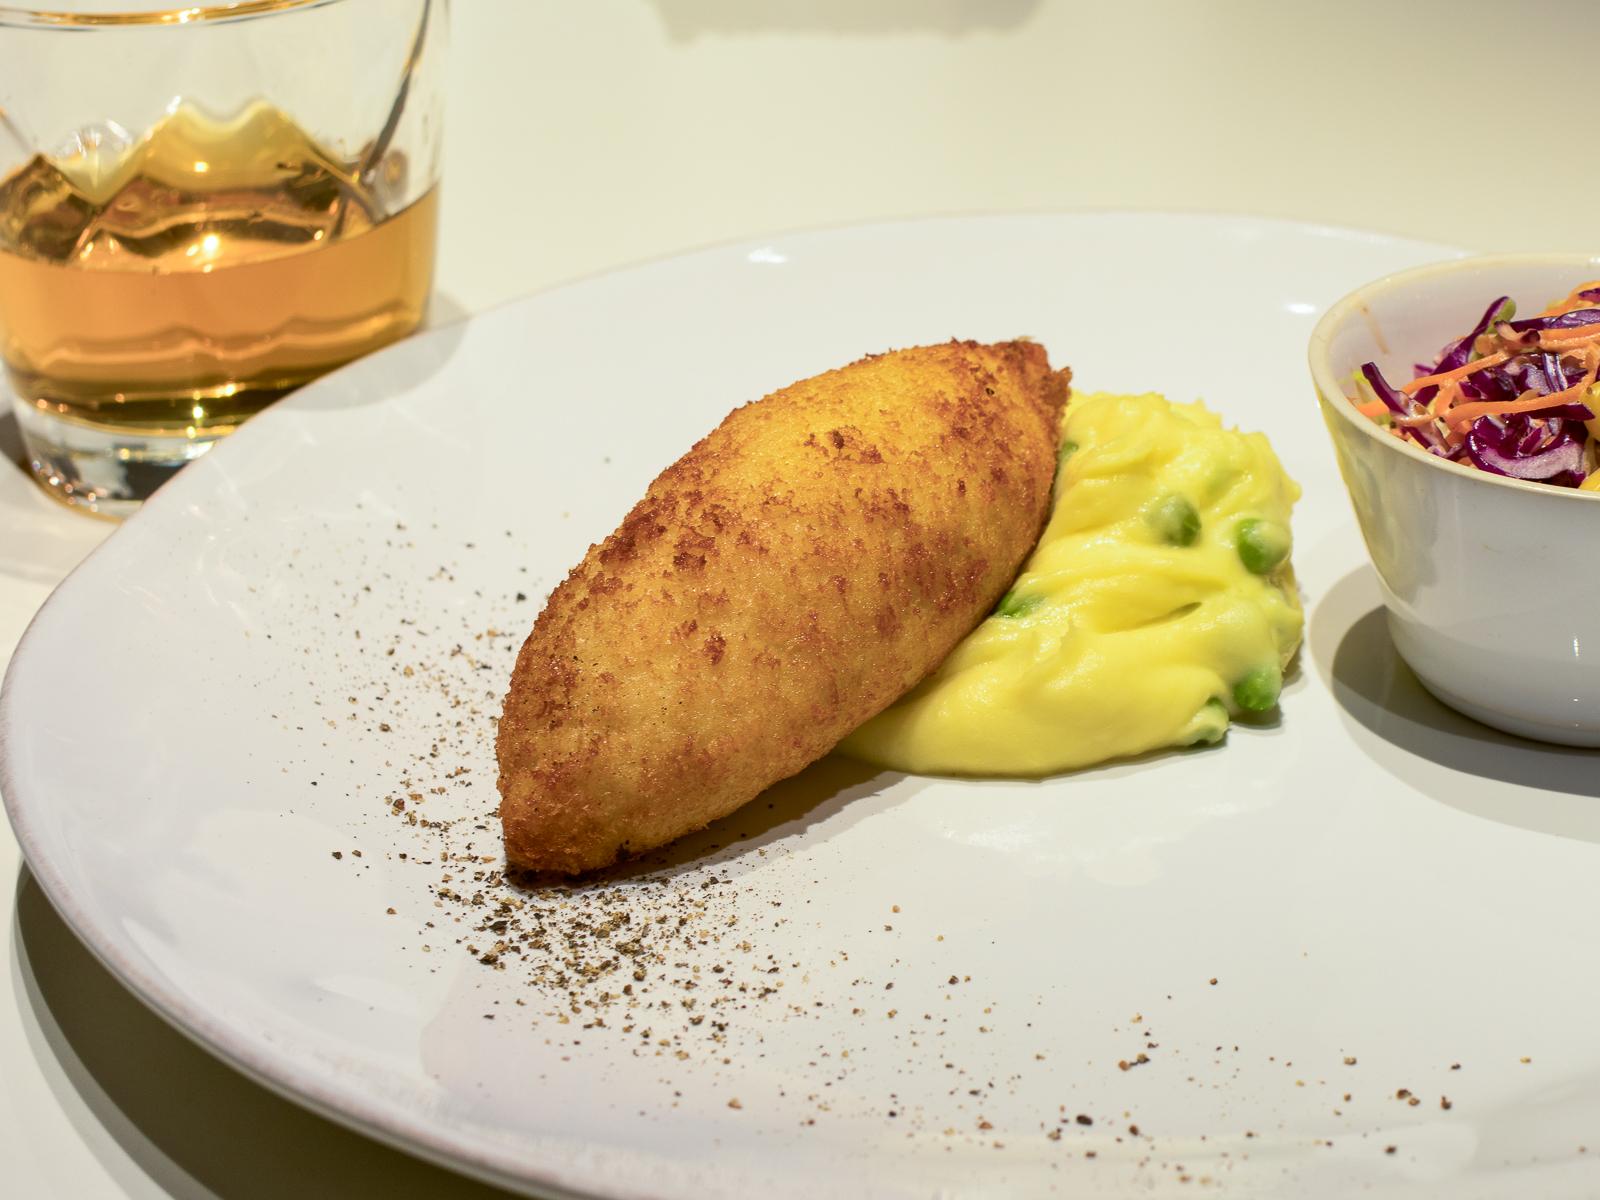 Котлета по-киевски с картофельным пюре и салатом из красной капусты